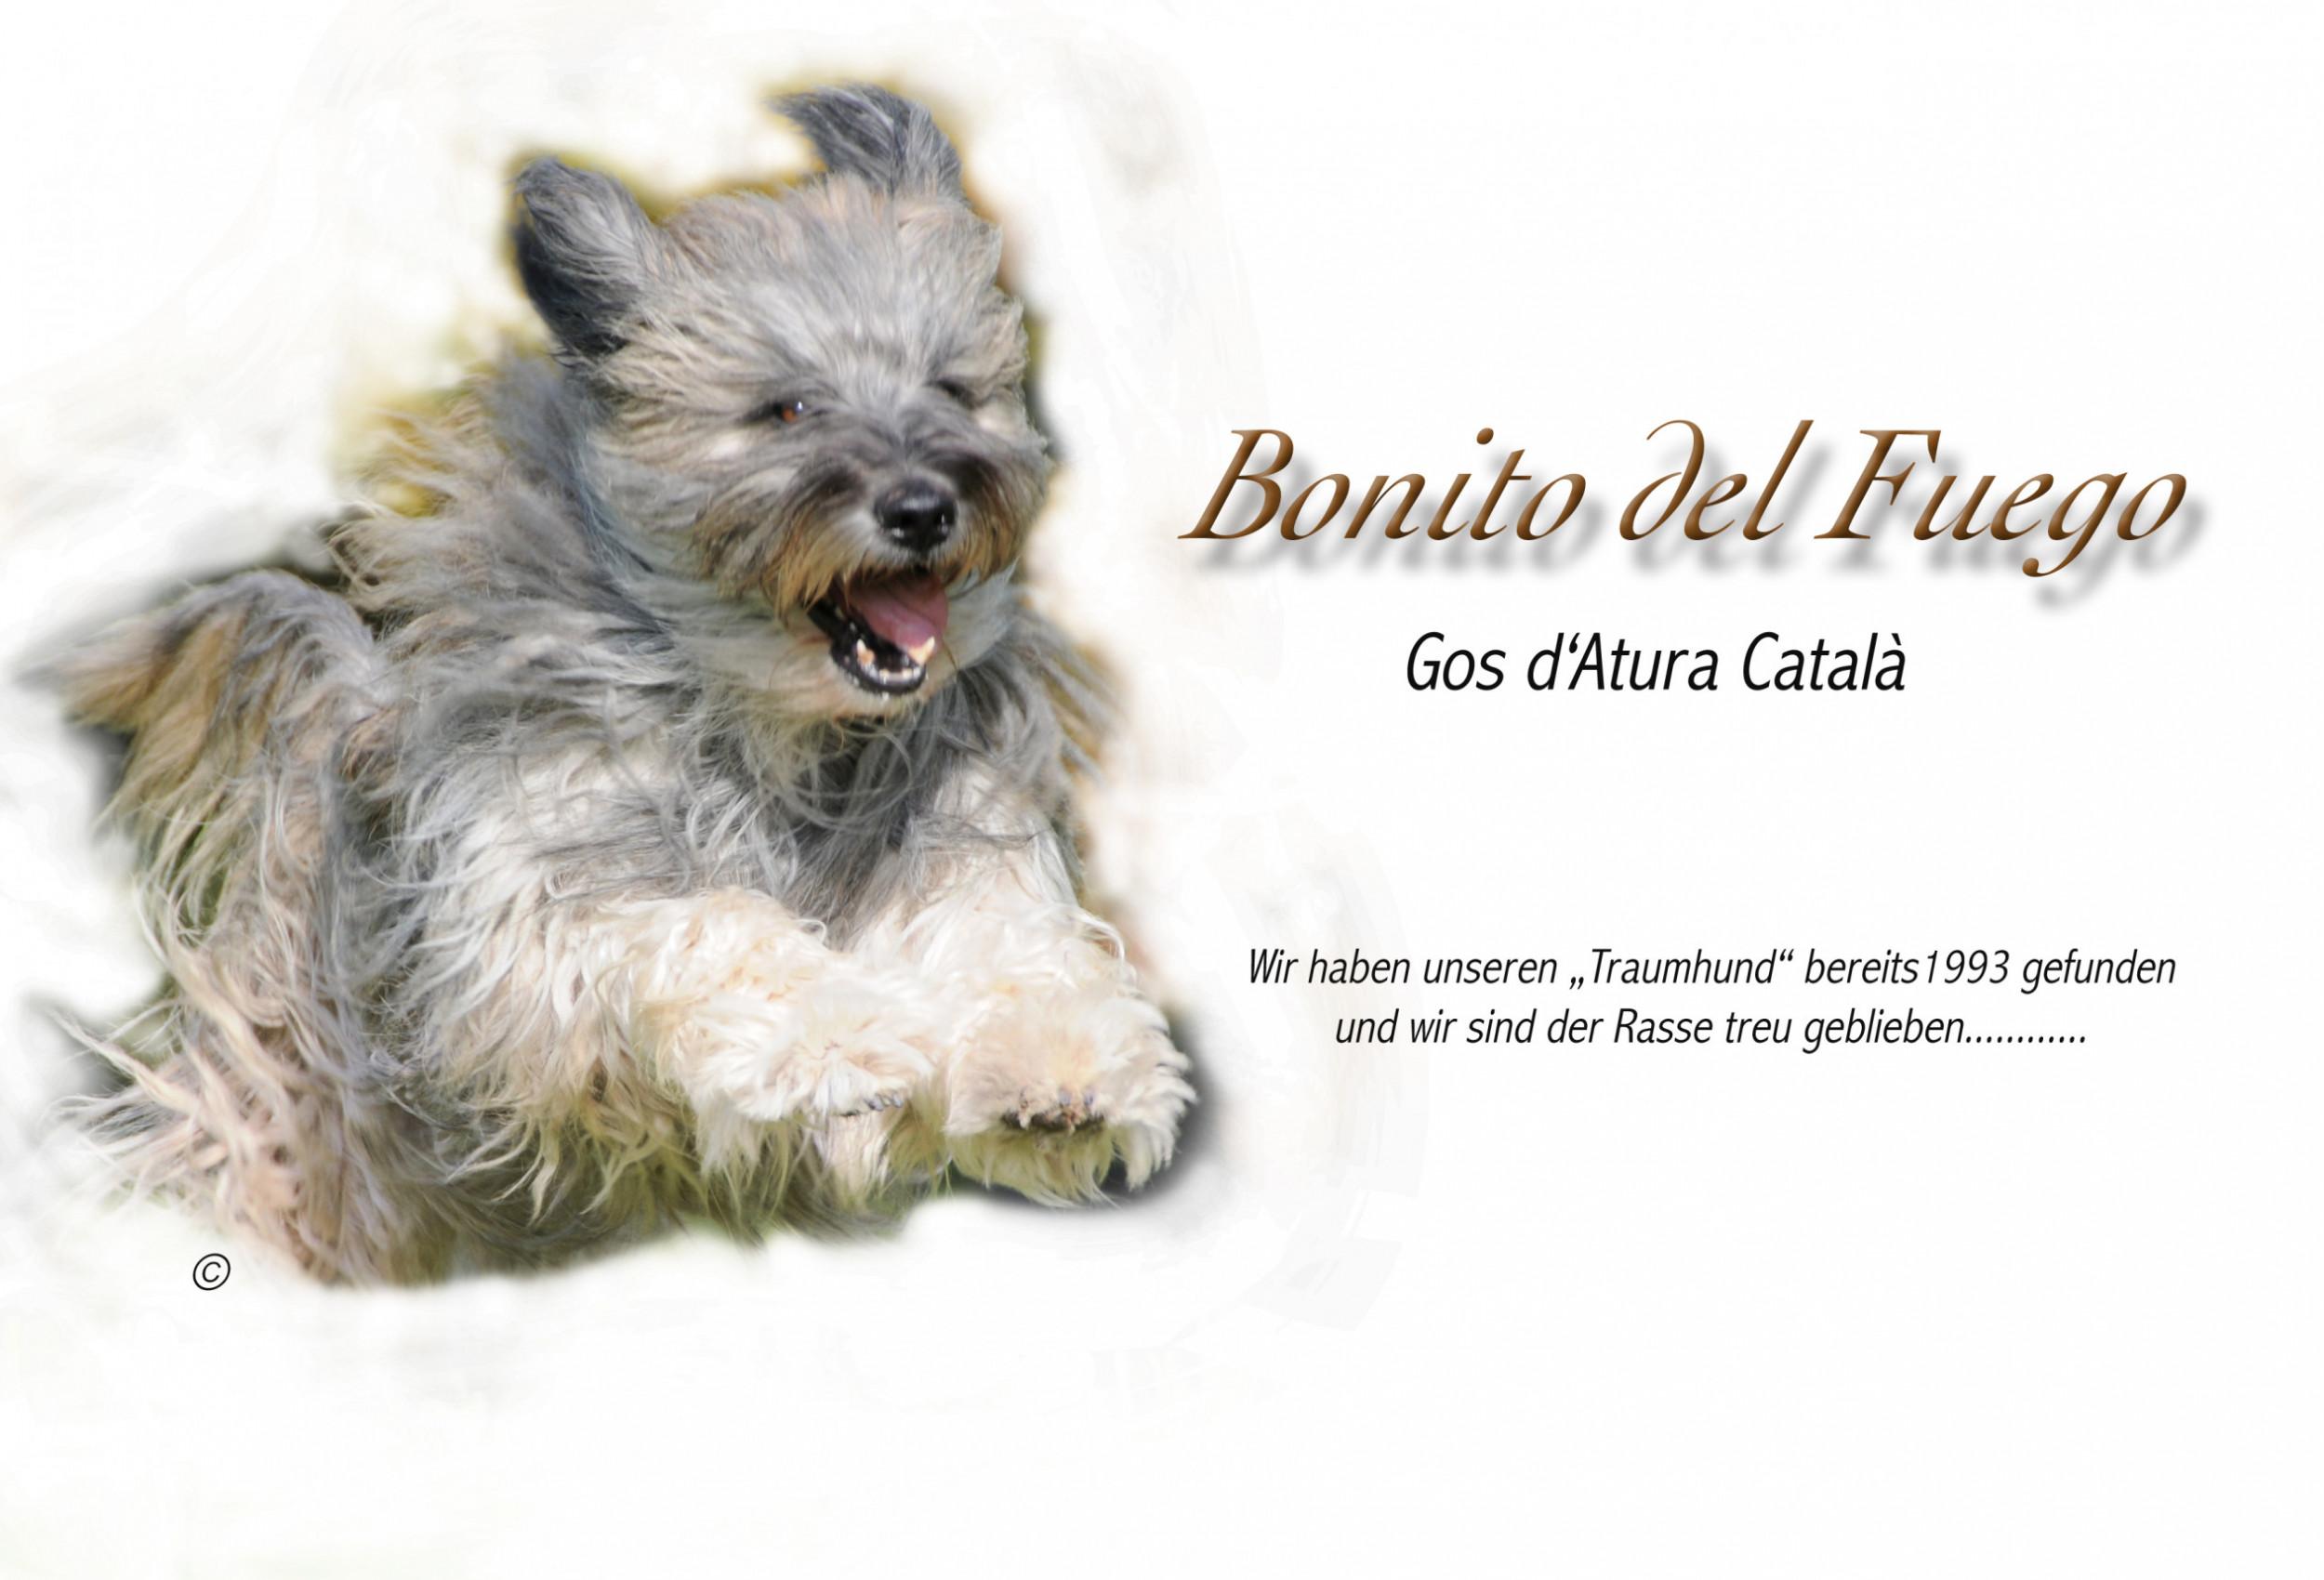 Gos d'Atura Català Bonito del Fuego